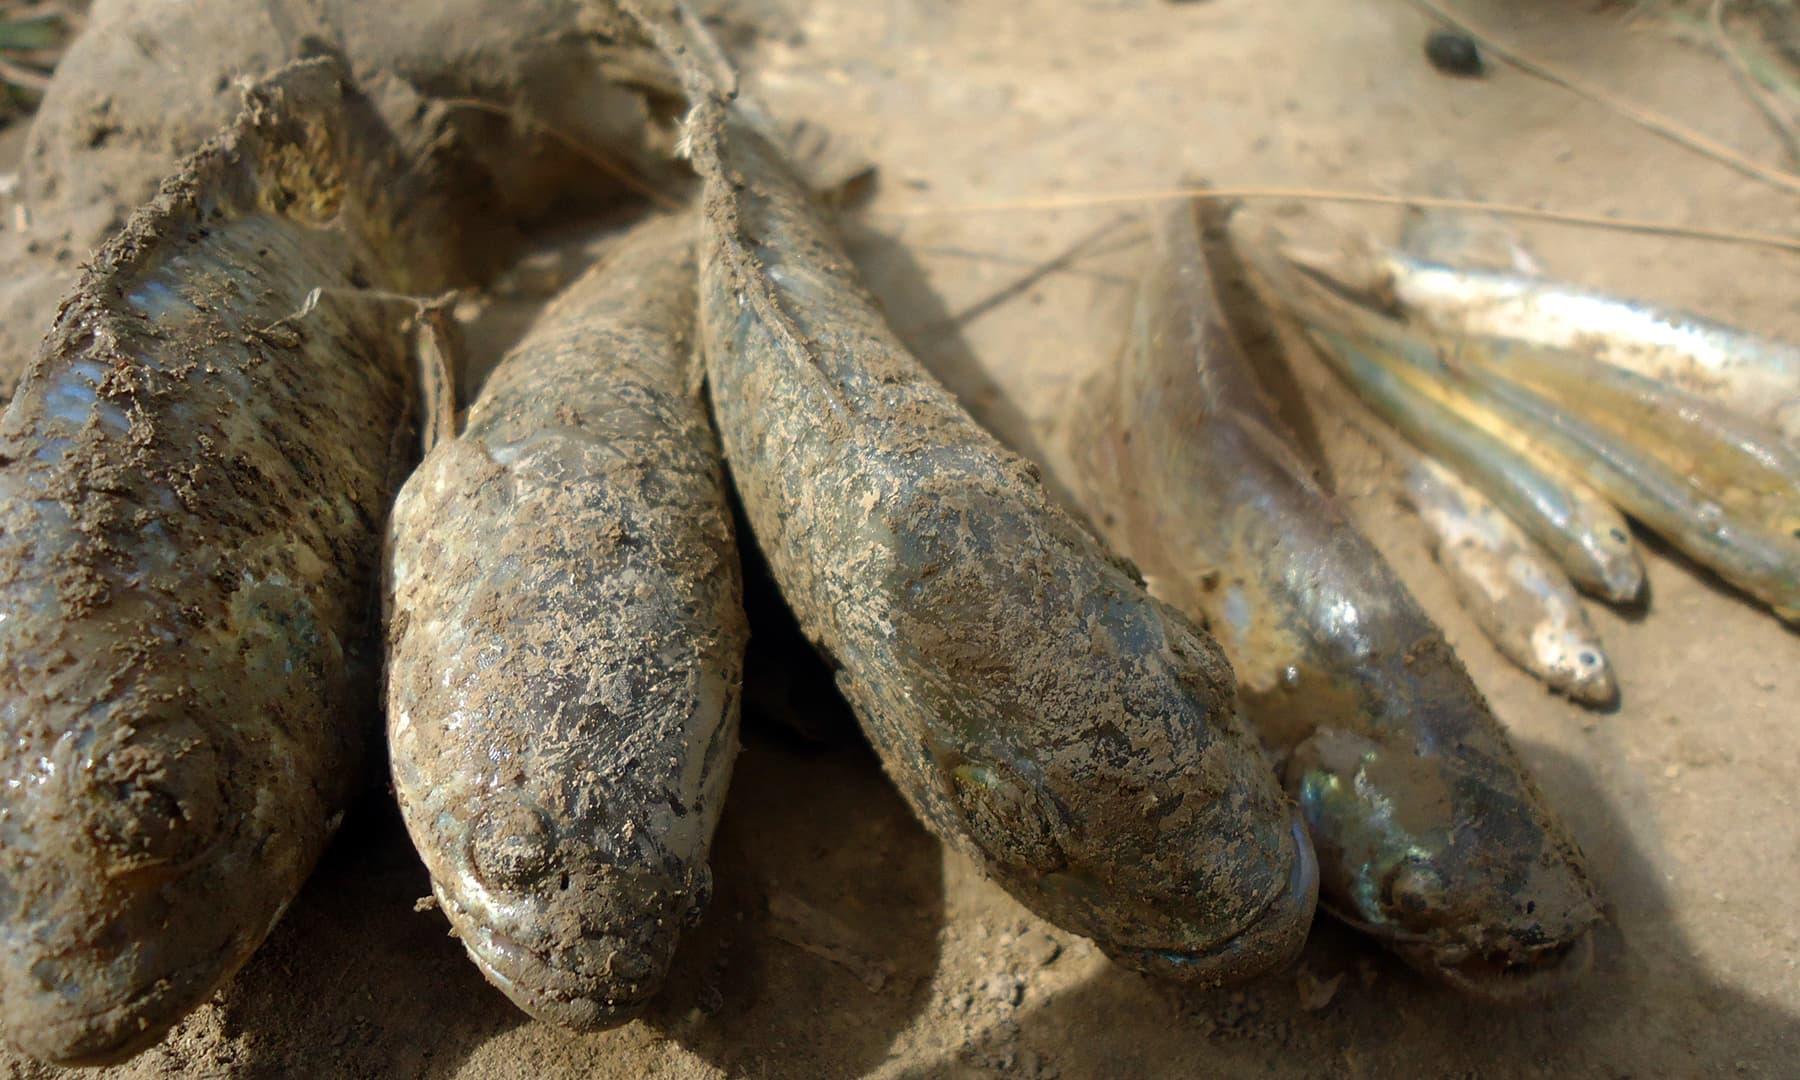 ان علاقوں میں مچھلی کی نسل کشی خوراک کی کمی کا باعث بنتی ہے — تصویر ابوبکر شیخ